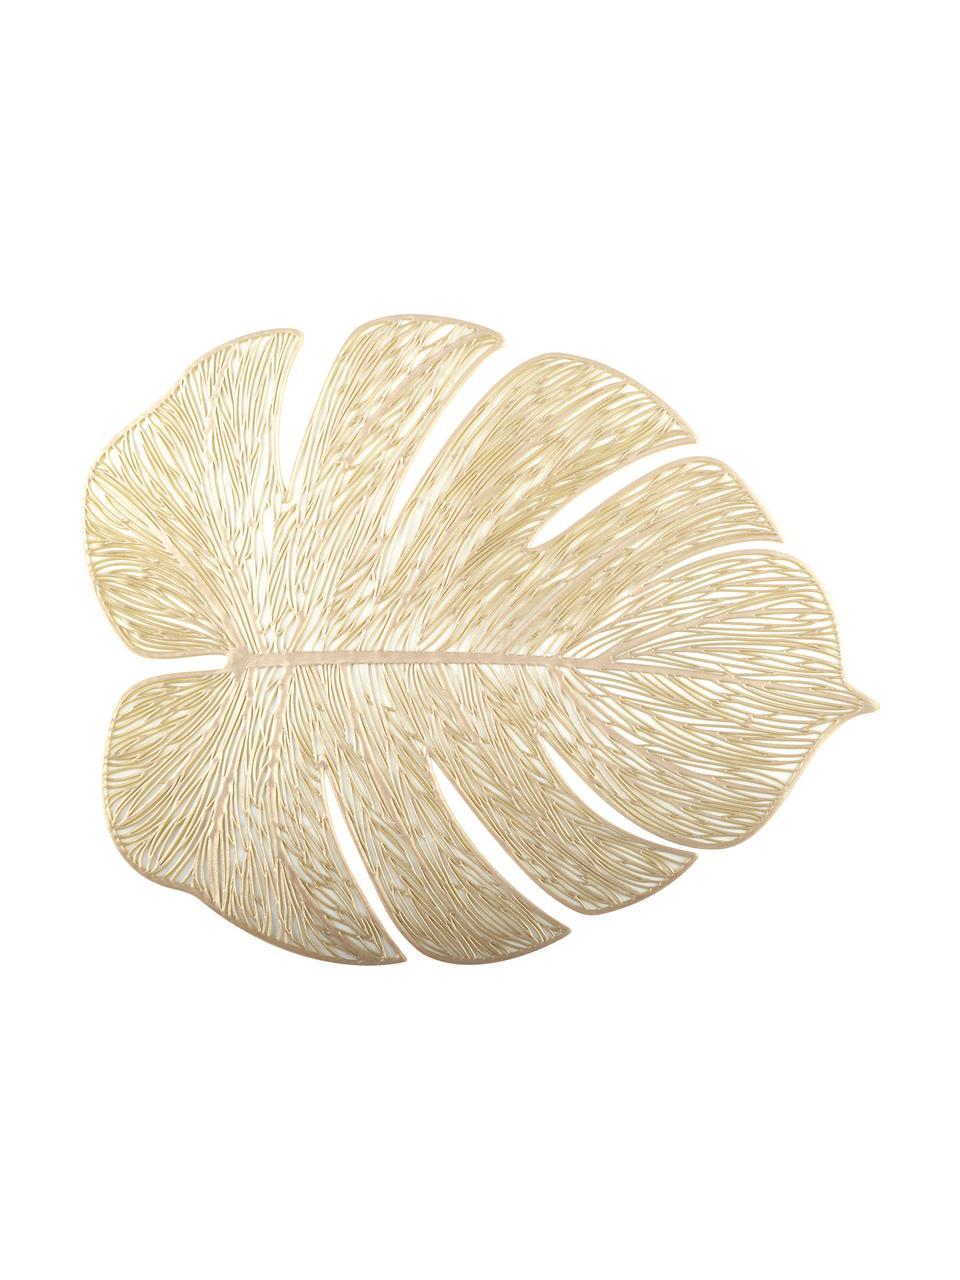 Tovaglietta ameriana dorata Leaf 2 pz, Materiale sintetico, Dorato, Larg. 33 x Lung. 40 cm